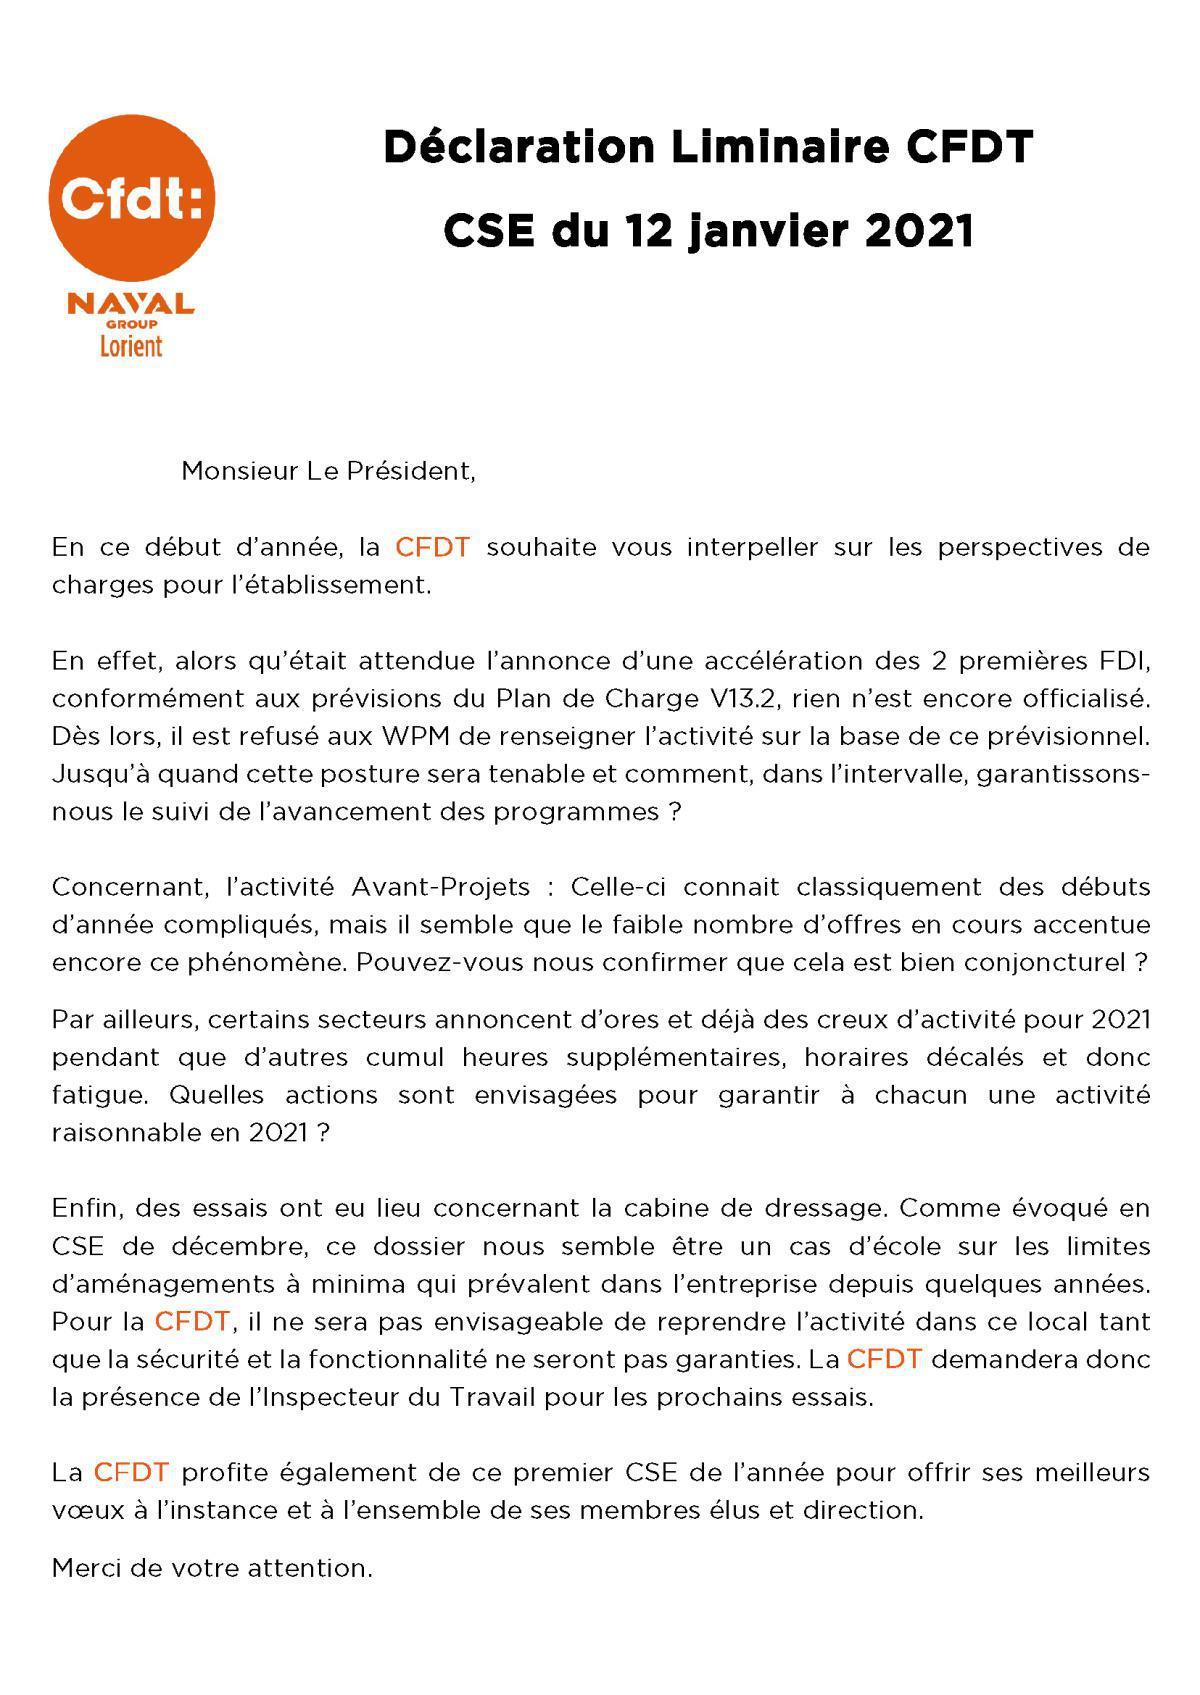 Déclaration CFDT au CSE du 12 janvier